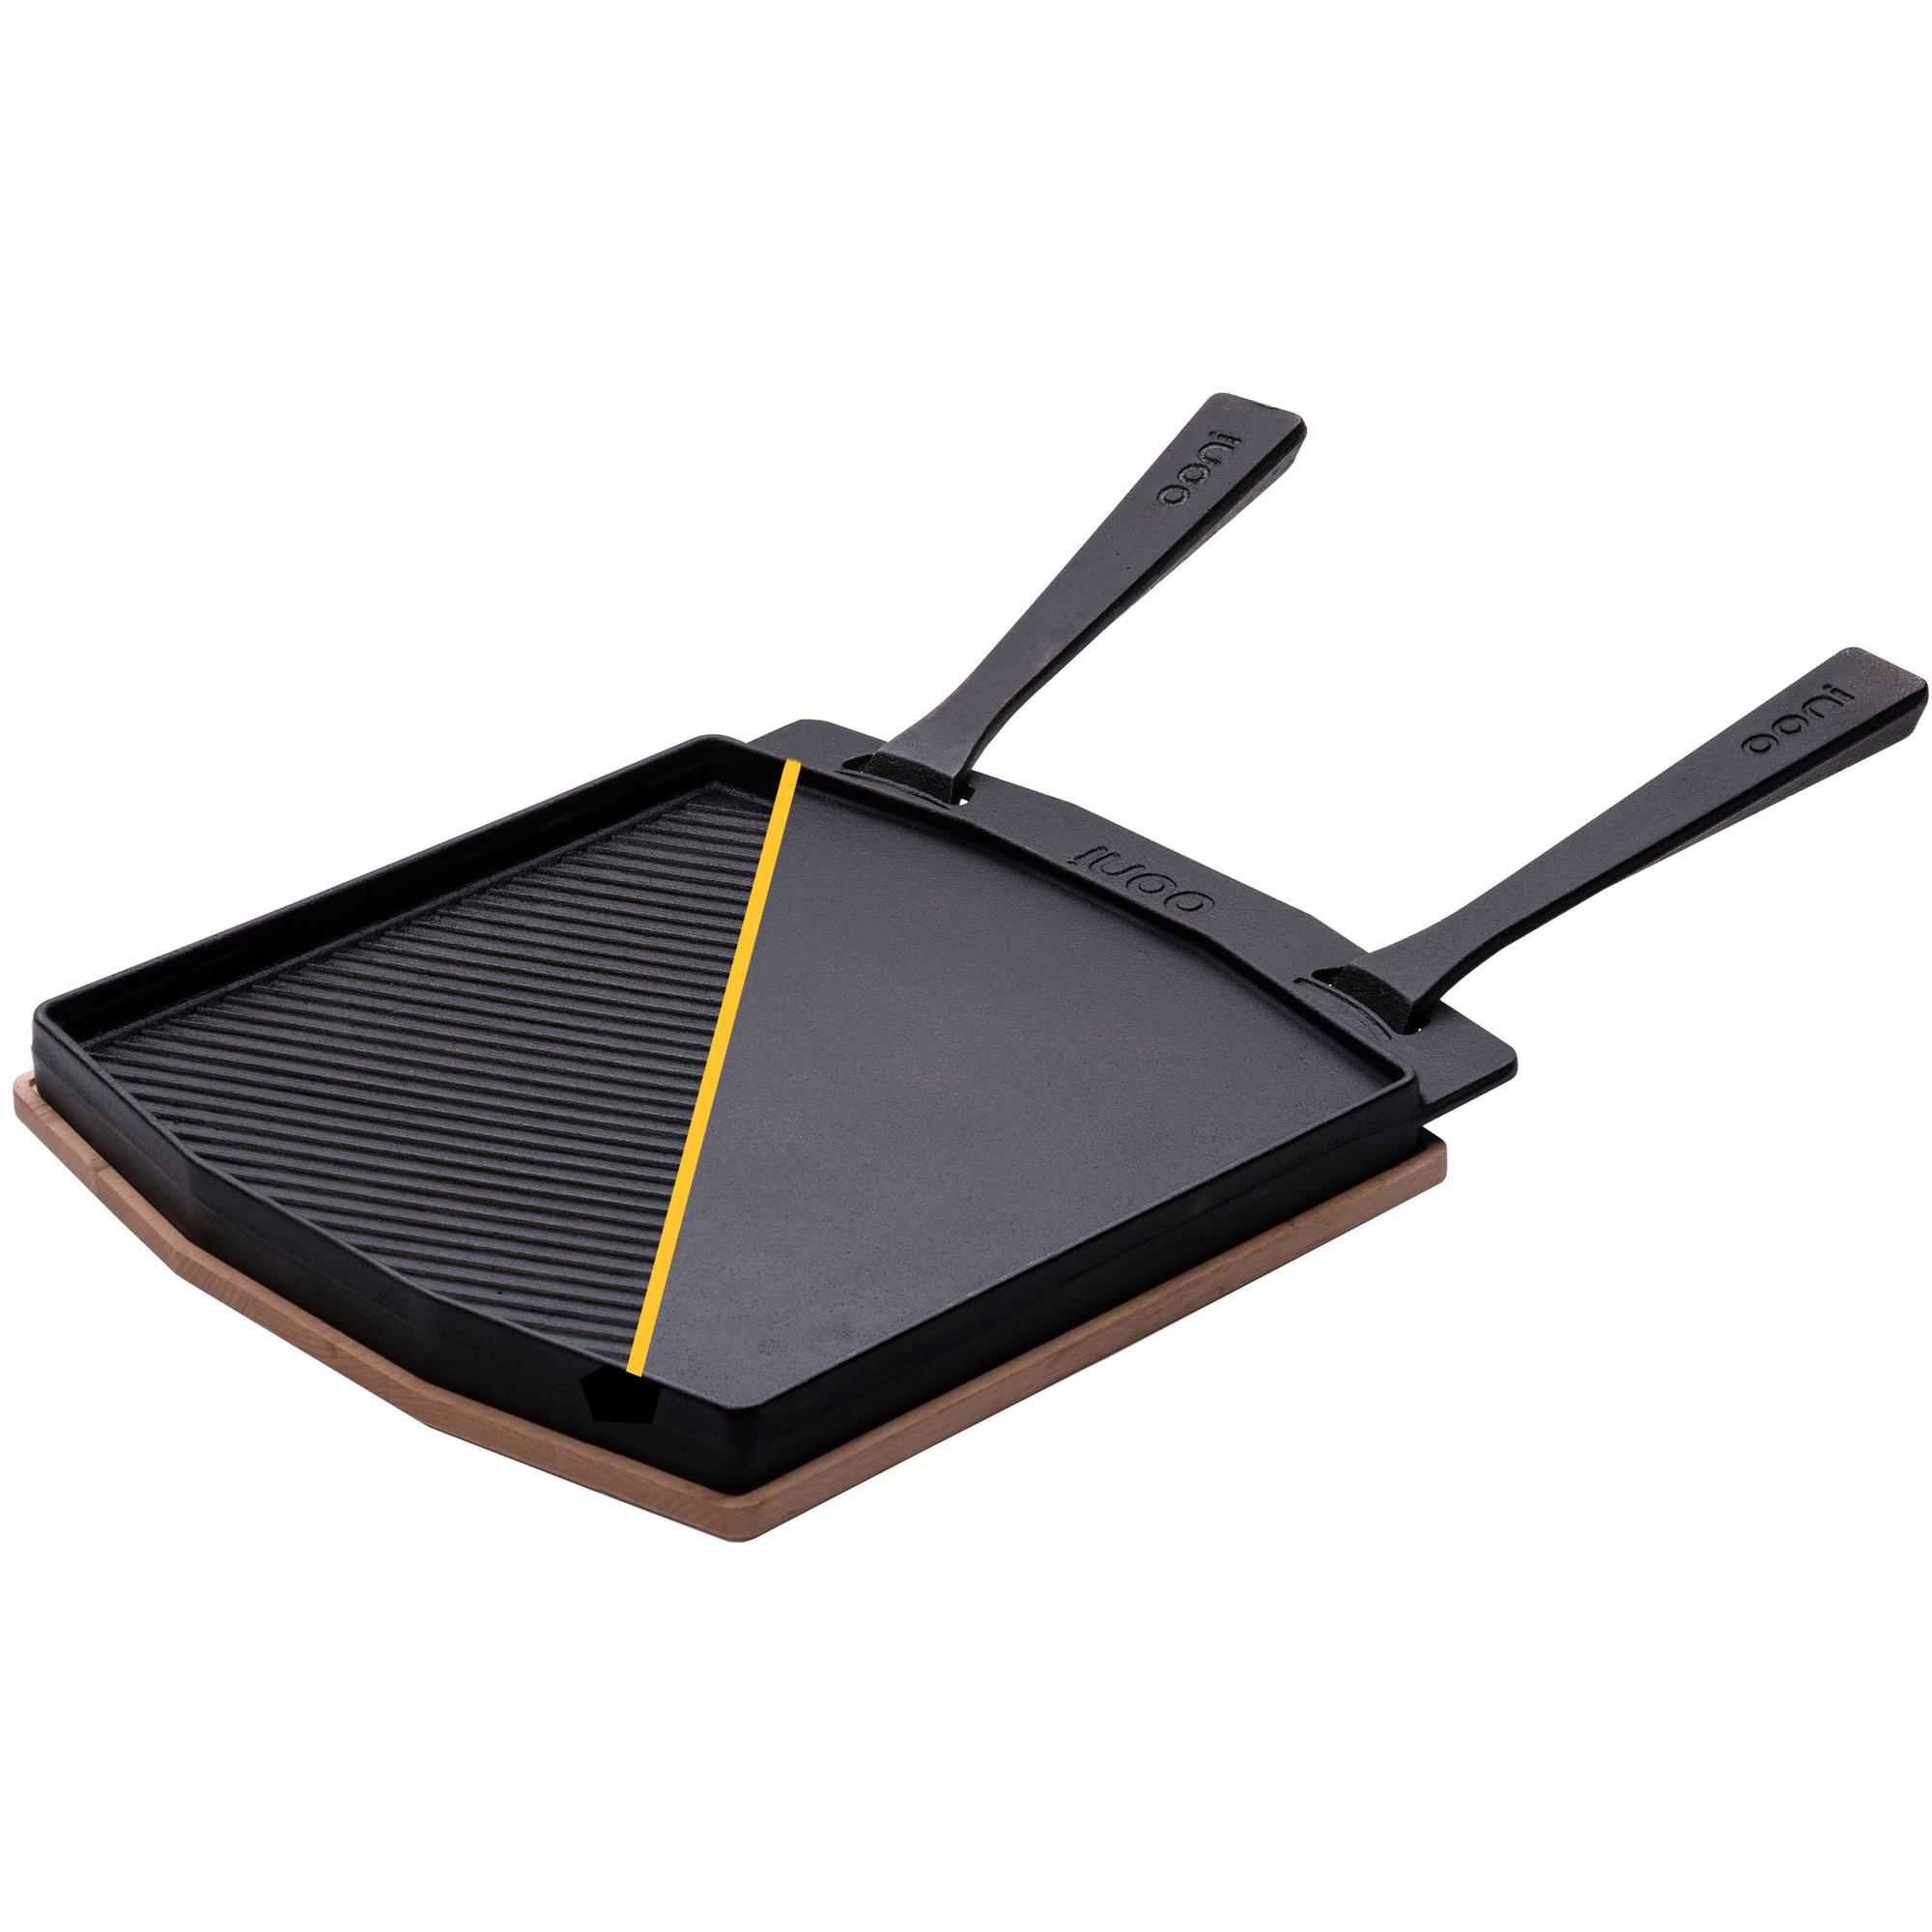 Ooni Dubbelsidig grillplatta